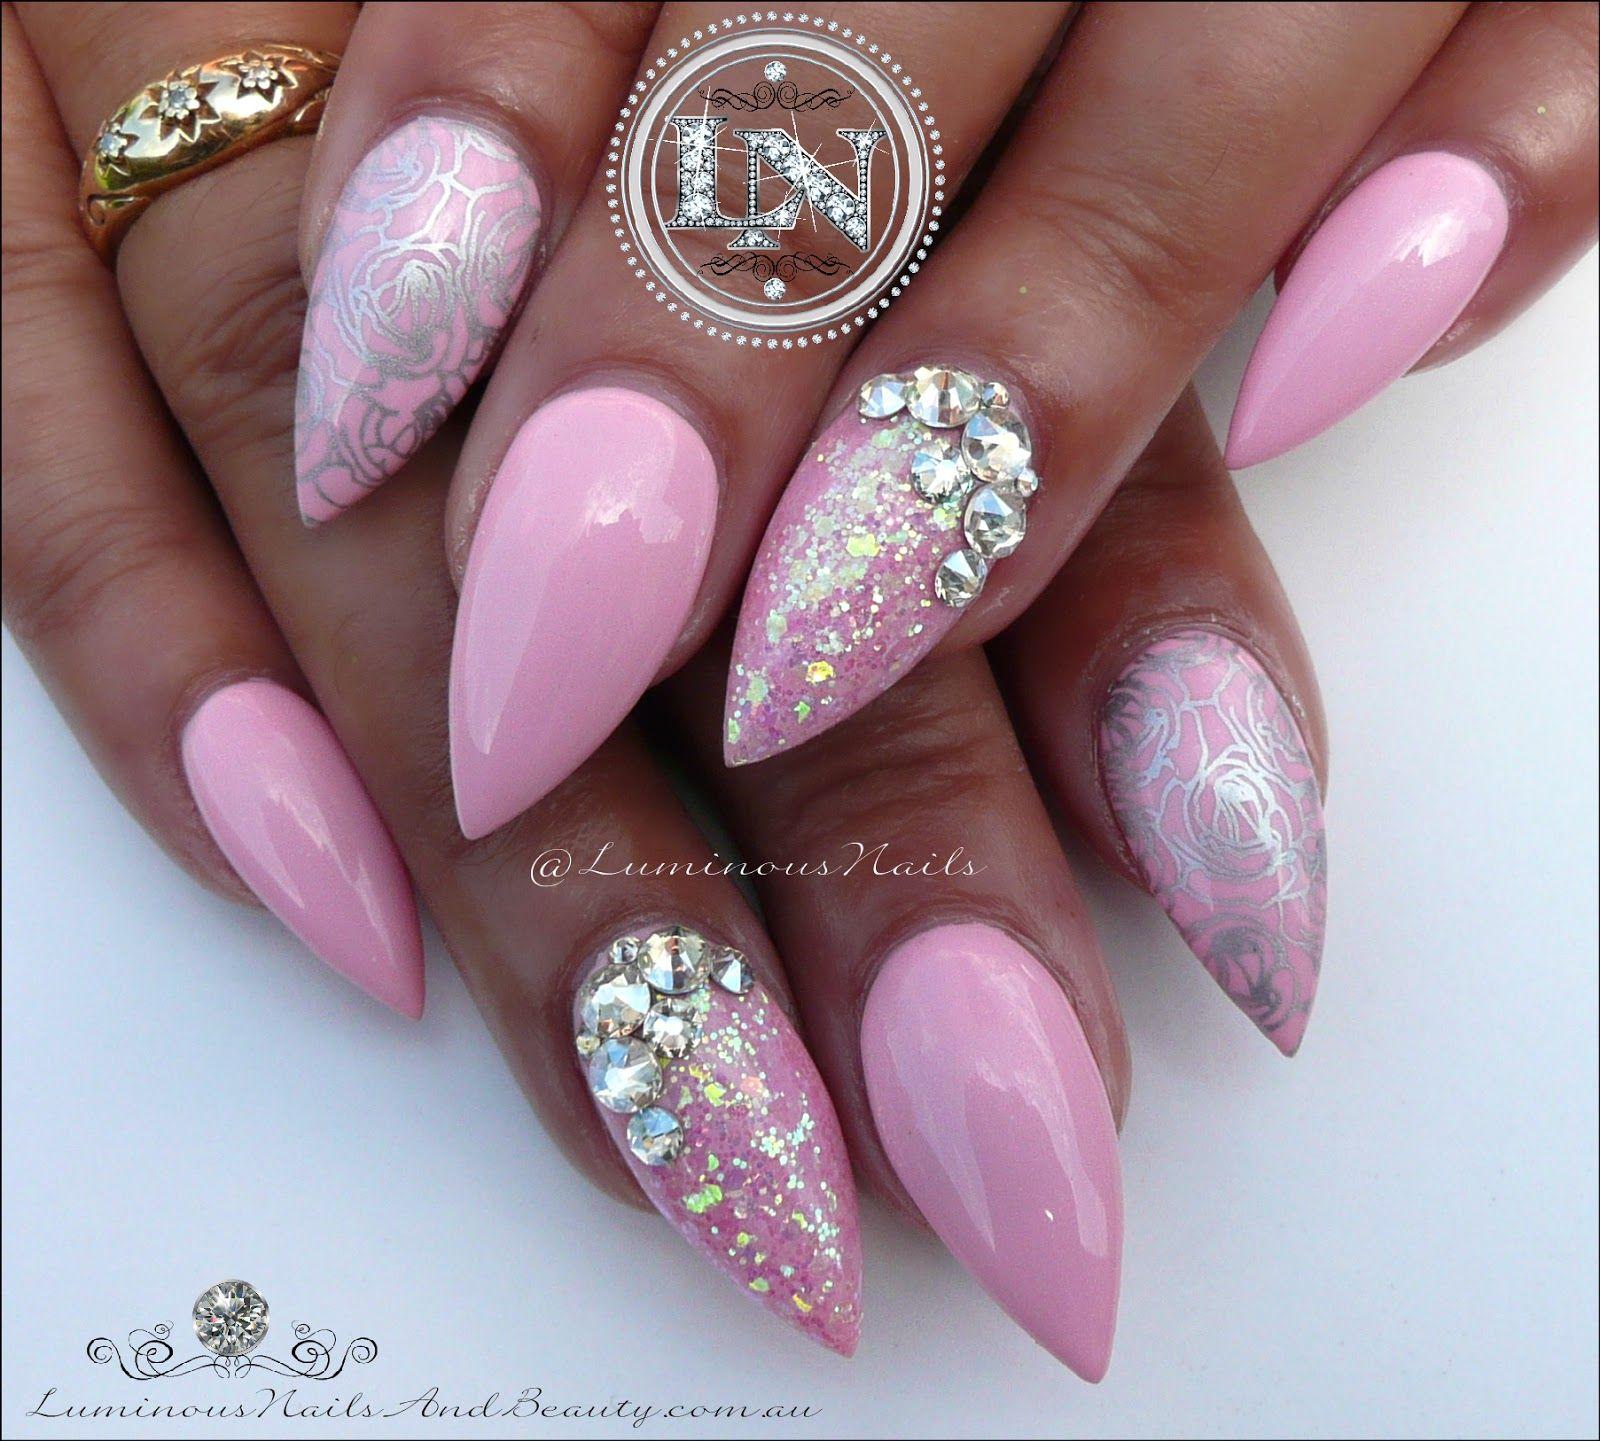 luminous nails: plush pink & silver nails acrylic & gel nails